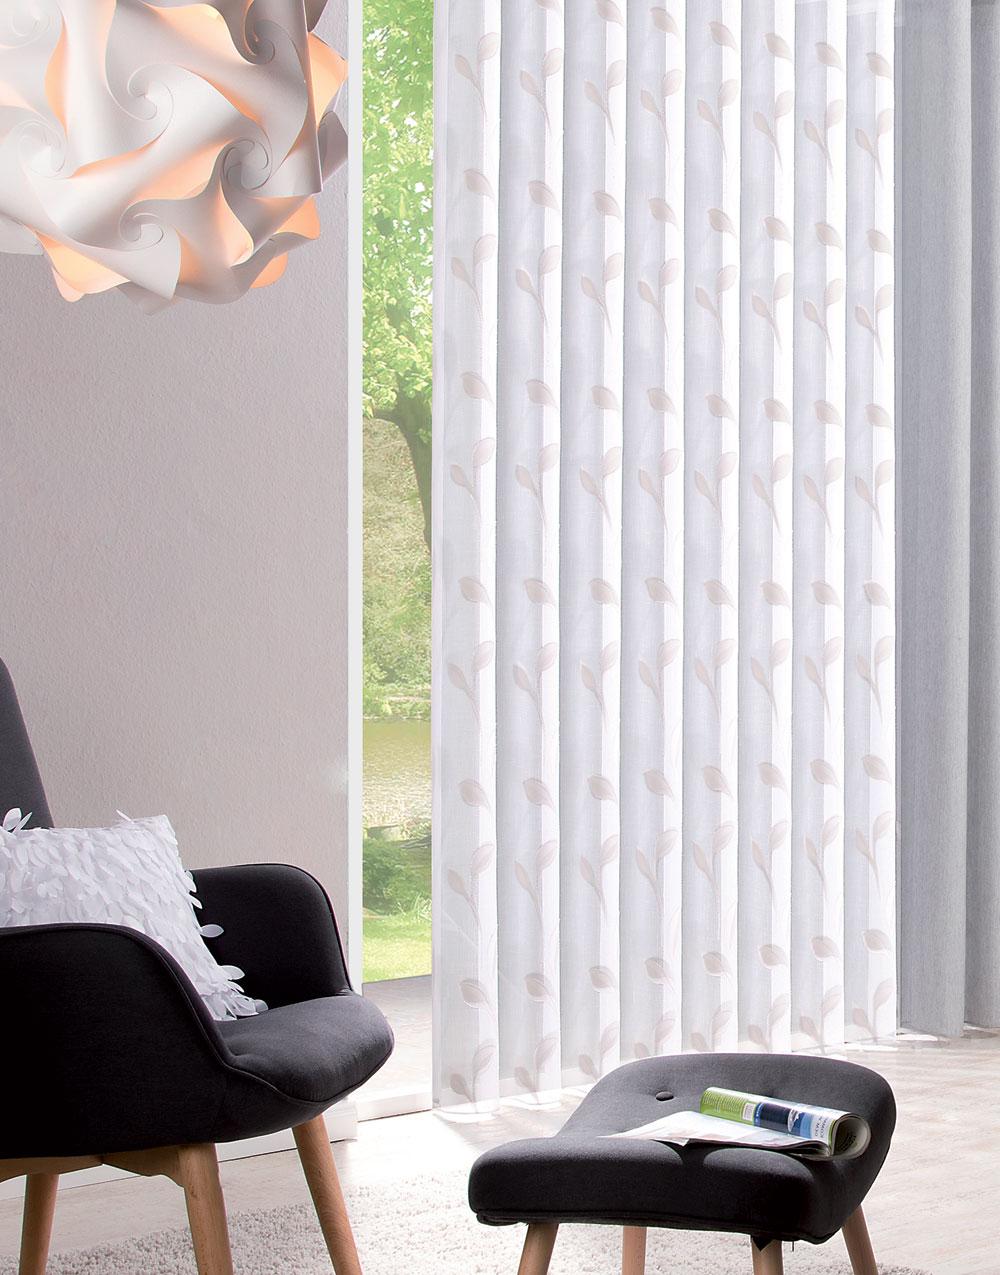 voilage tiss avec fils coup s au m tre mod le iris. Black Bedroom Furniture Sets. Home Design Ideas